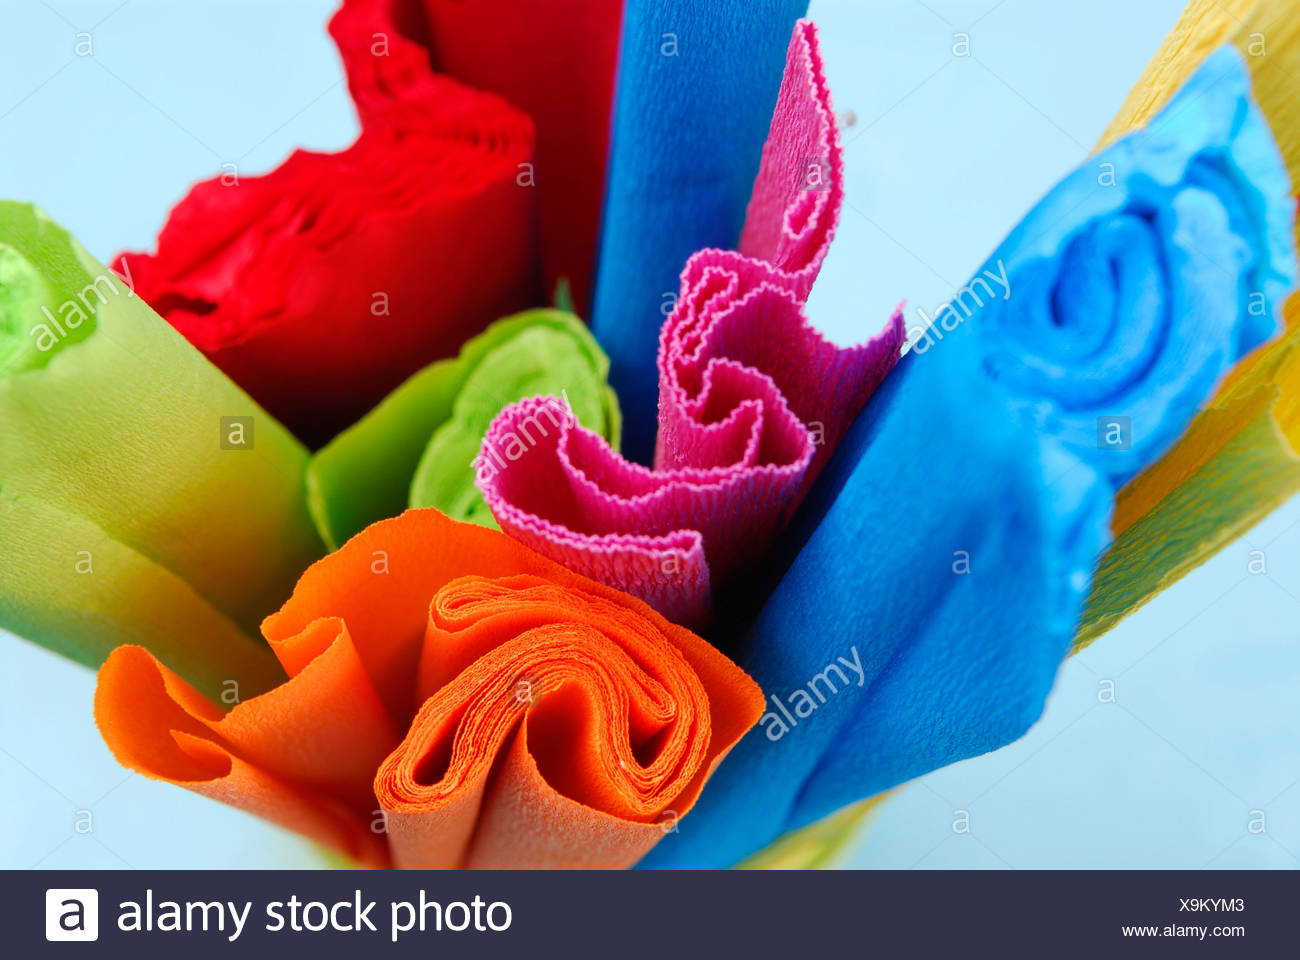 Rotoli Di Carta Colorata : Rotoli colorati di carta crespa foto immagine stock